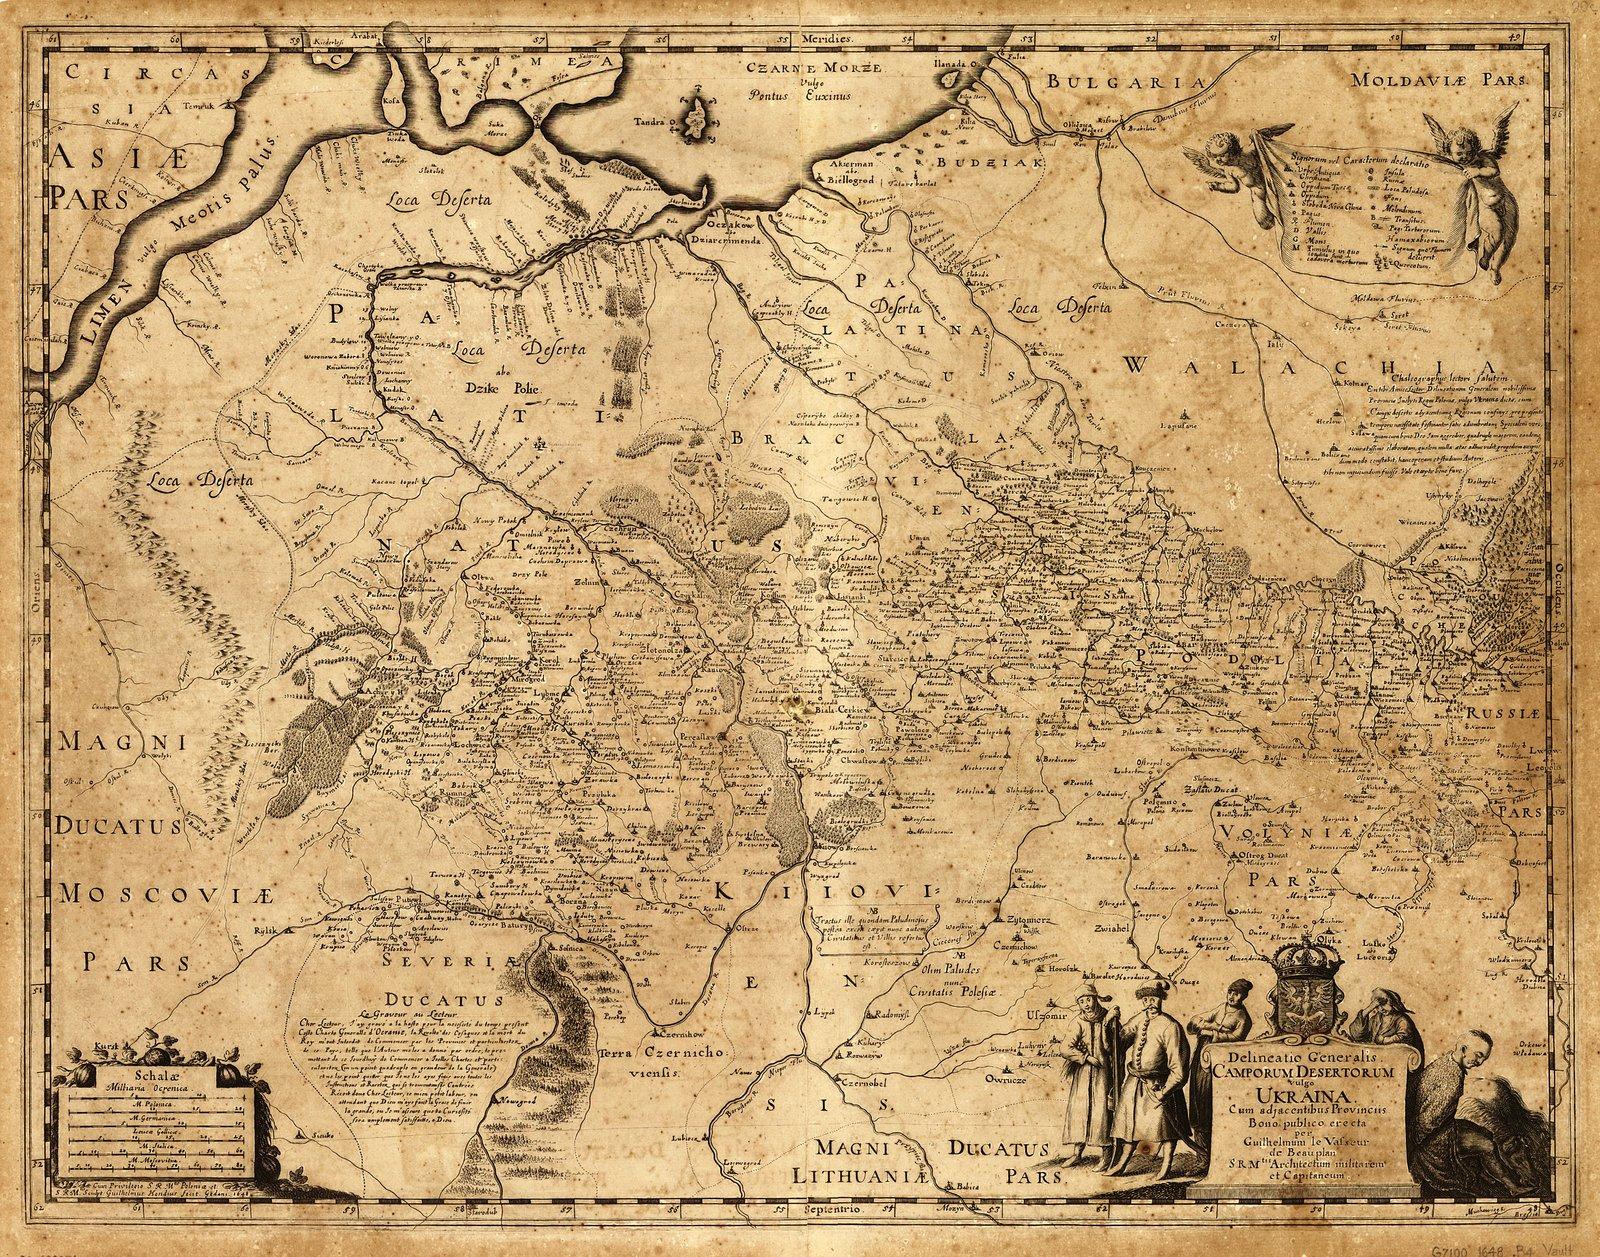 Mapa Dzikich Pól, inaczej Ukrainy, zprzyległymi prowincjami.Sporządzona dla dobra publicznego przez Wilhelma de Beauplana w1648 wGdańsku na polecenie Władysława IV, Króla Polski.Mapanie jest orientowana, tzn. północ nie znajduje się - tak jak jesteśmy przyzwyczajeni - ugóry karty. Tu ugóry są skrawki Morza Czarnego, ana dole karty tereny należące do Litwy.